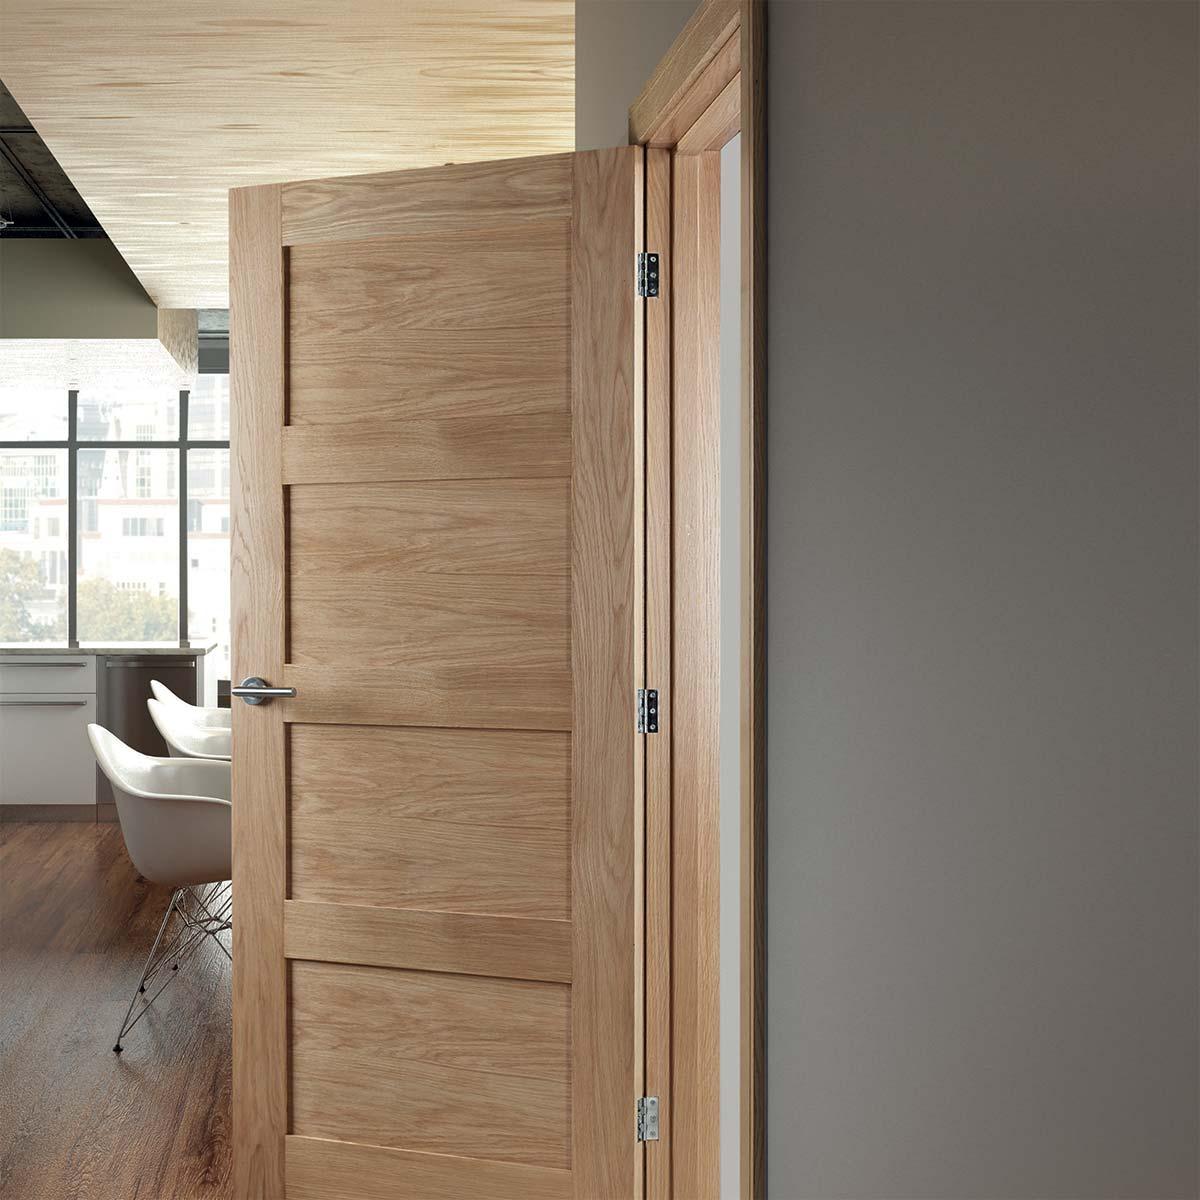 Doors Yorkshire Timber Merchants Ltd